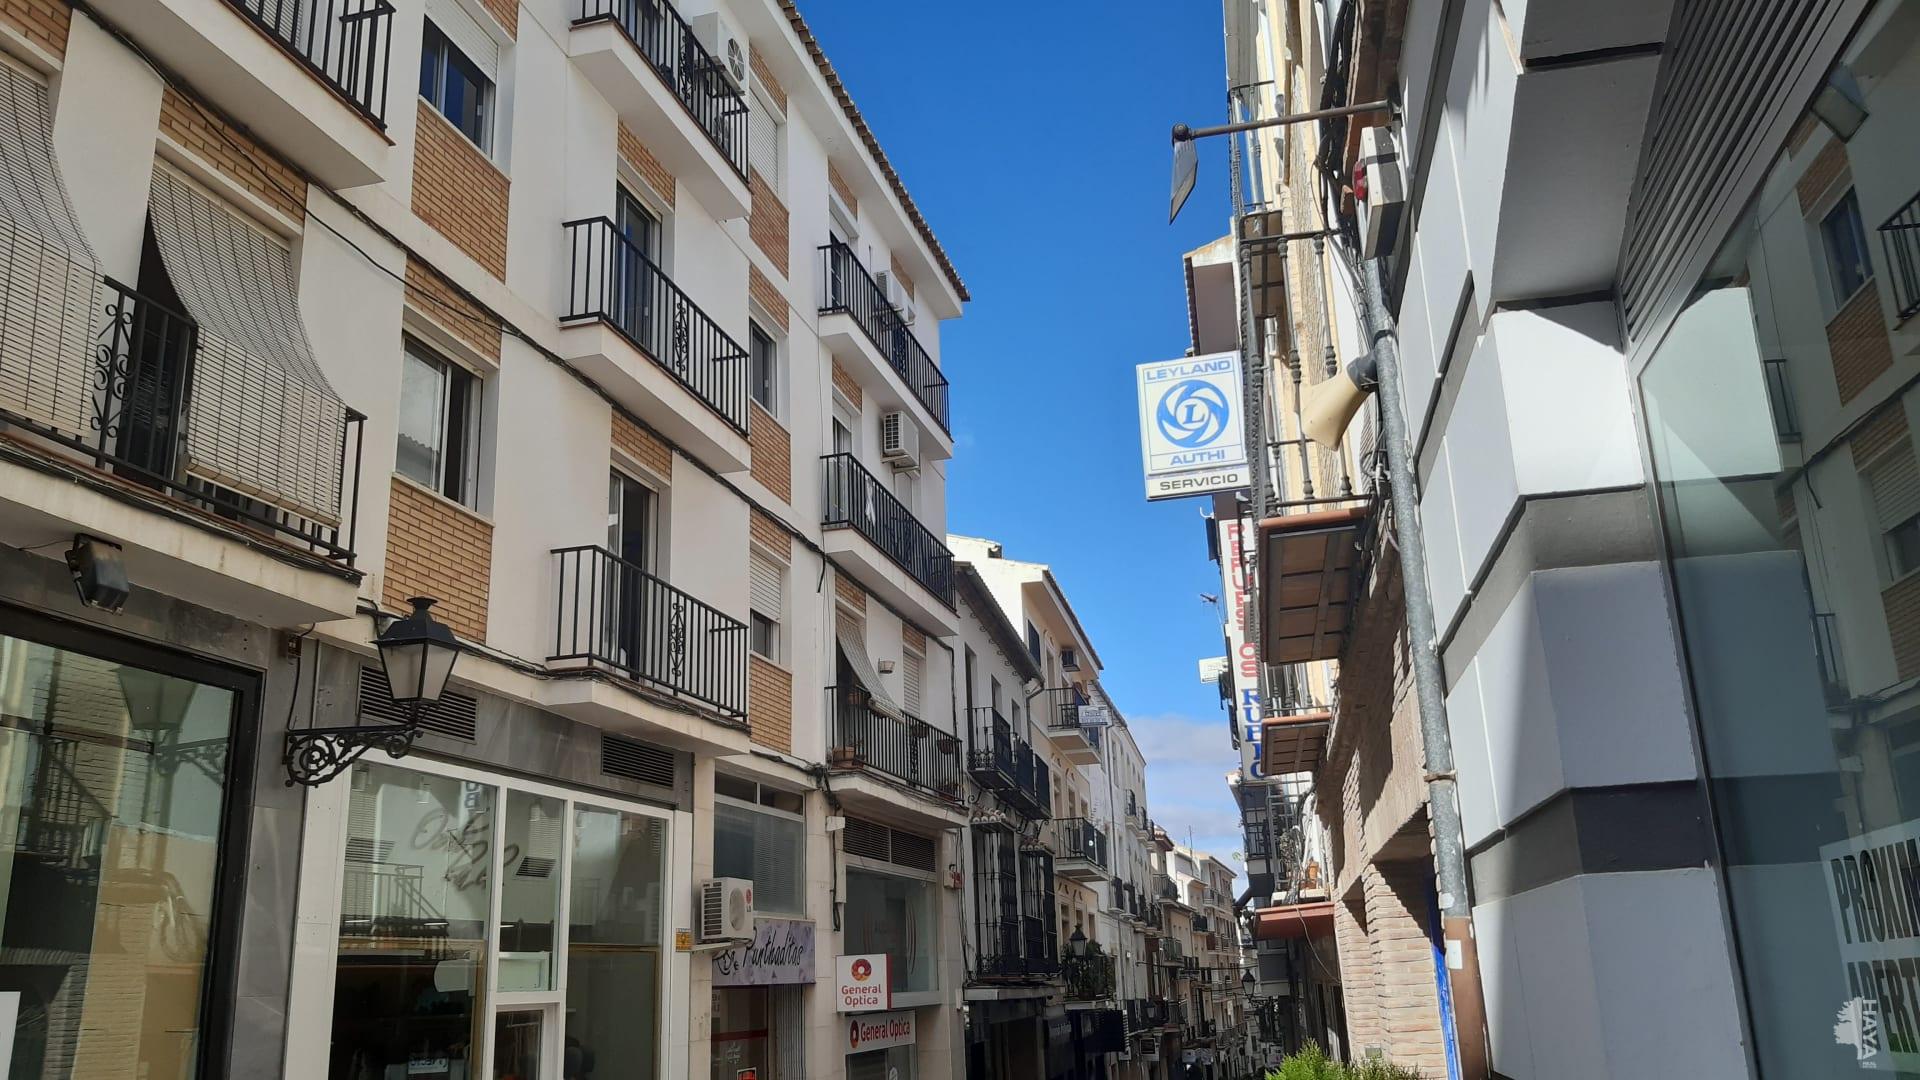 Piso en venta en Antequera, Málaga, Calle Vestuario, 117.625 €, 3 habitaciones, 1 baño, 2 m2